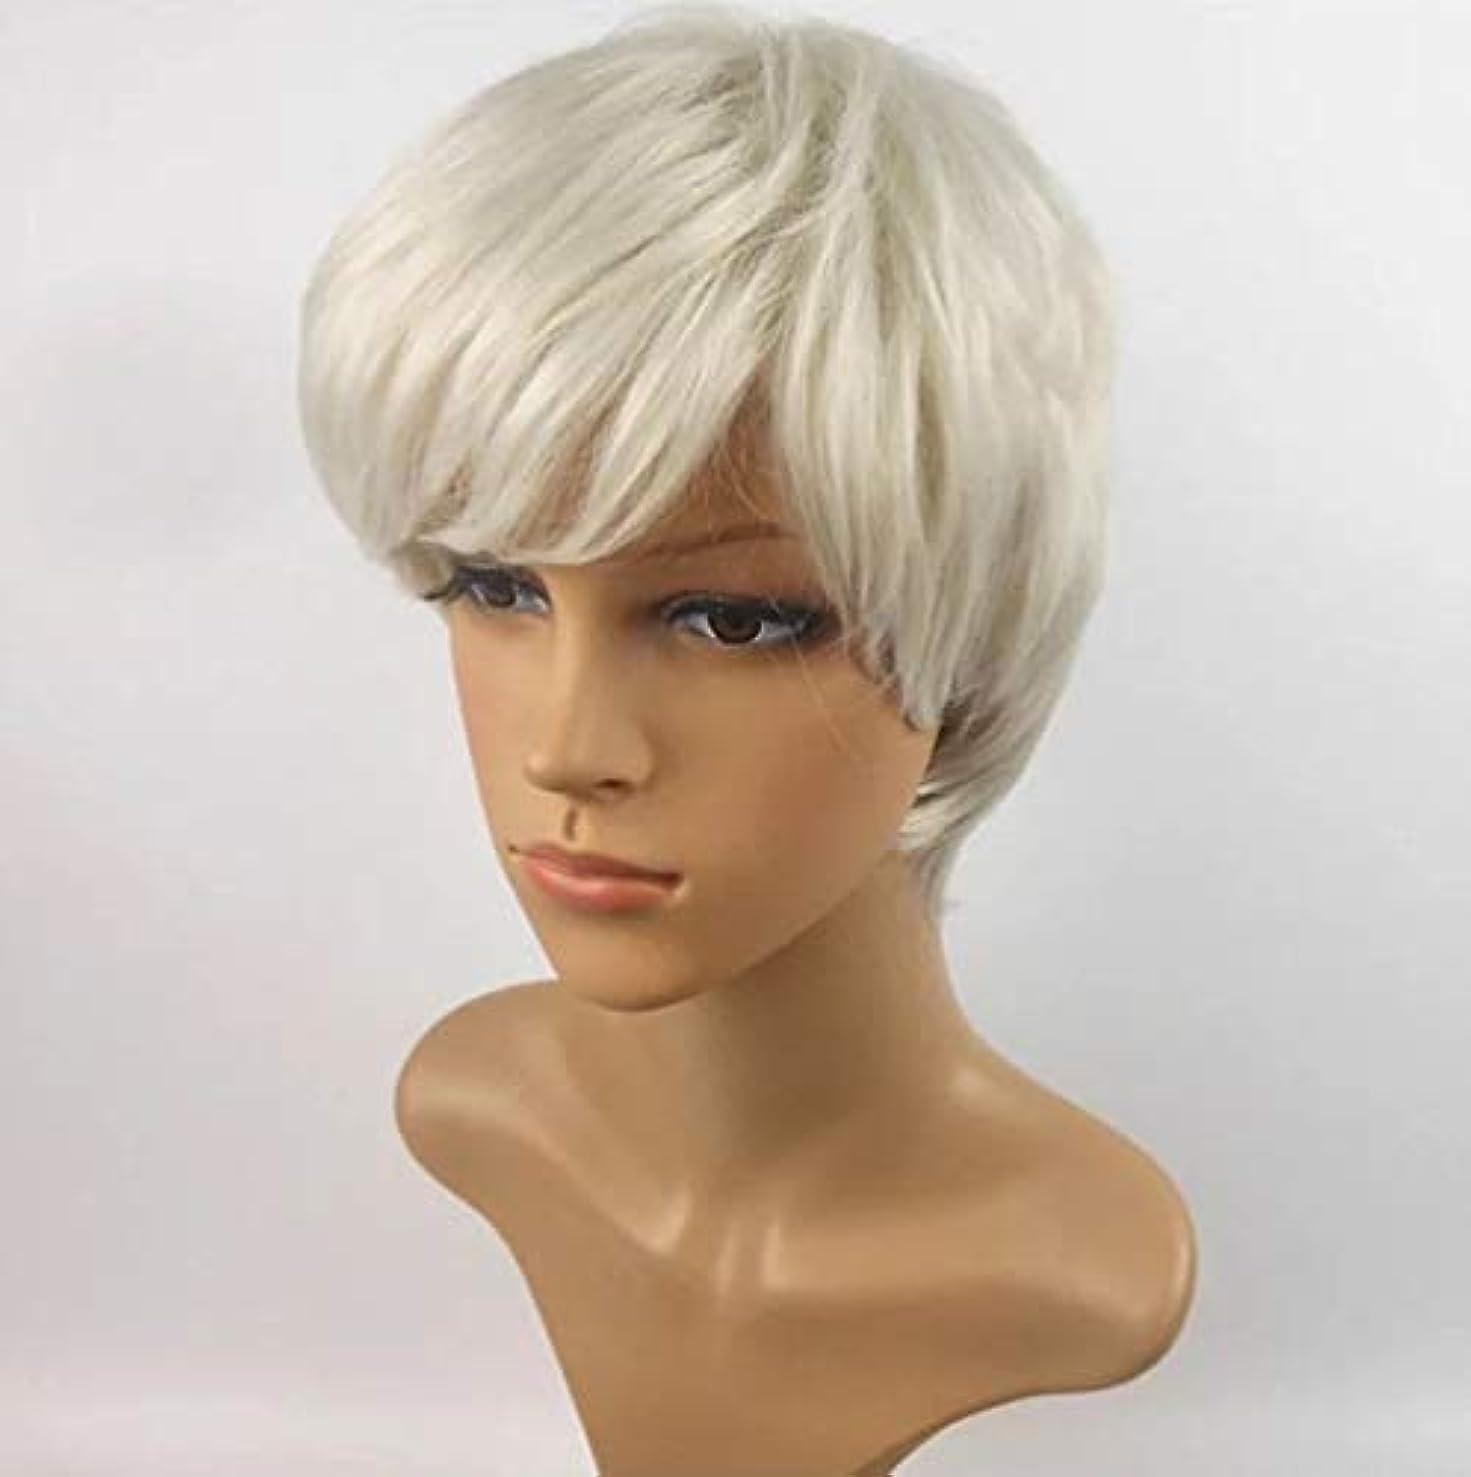 ロシアルー本能Kerwinner 短い巻き毛のかつら髪かつら女性のための自然な耐熱フルウィッグ (Color : White)